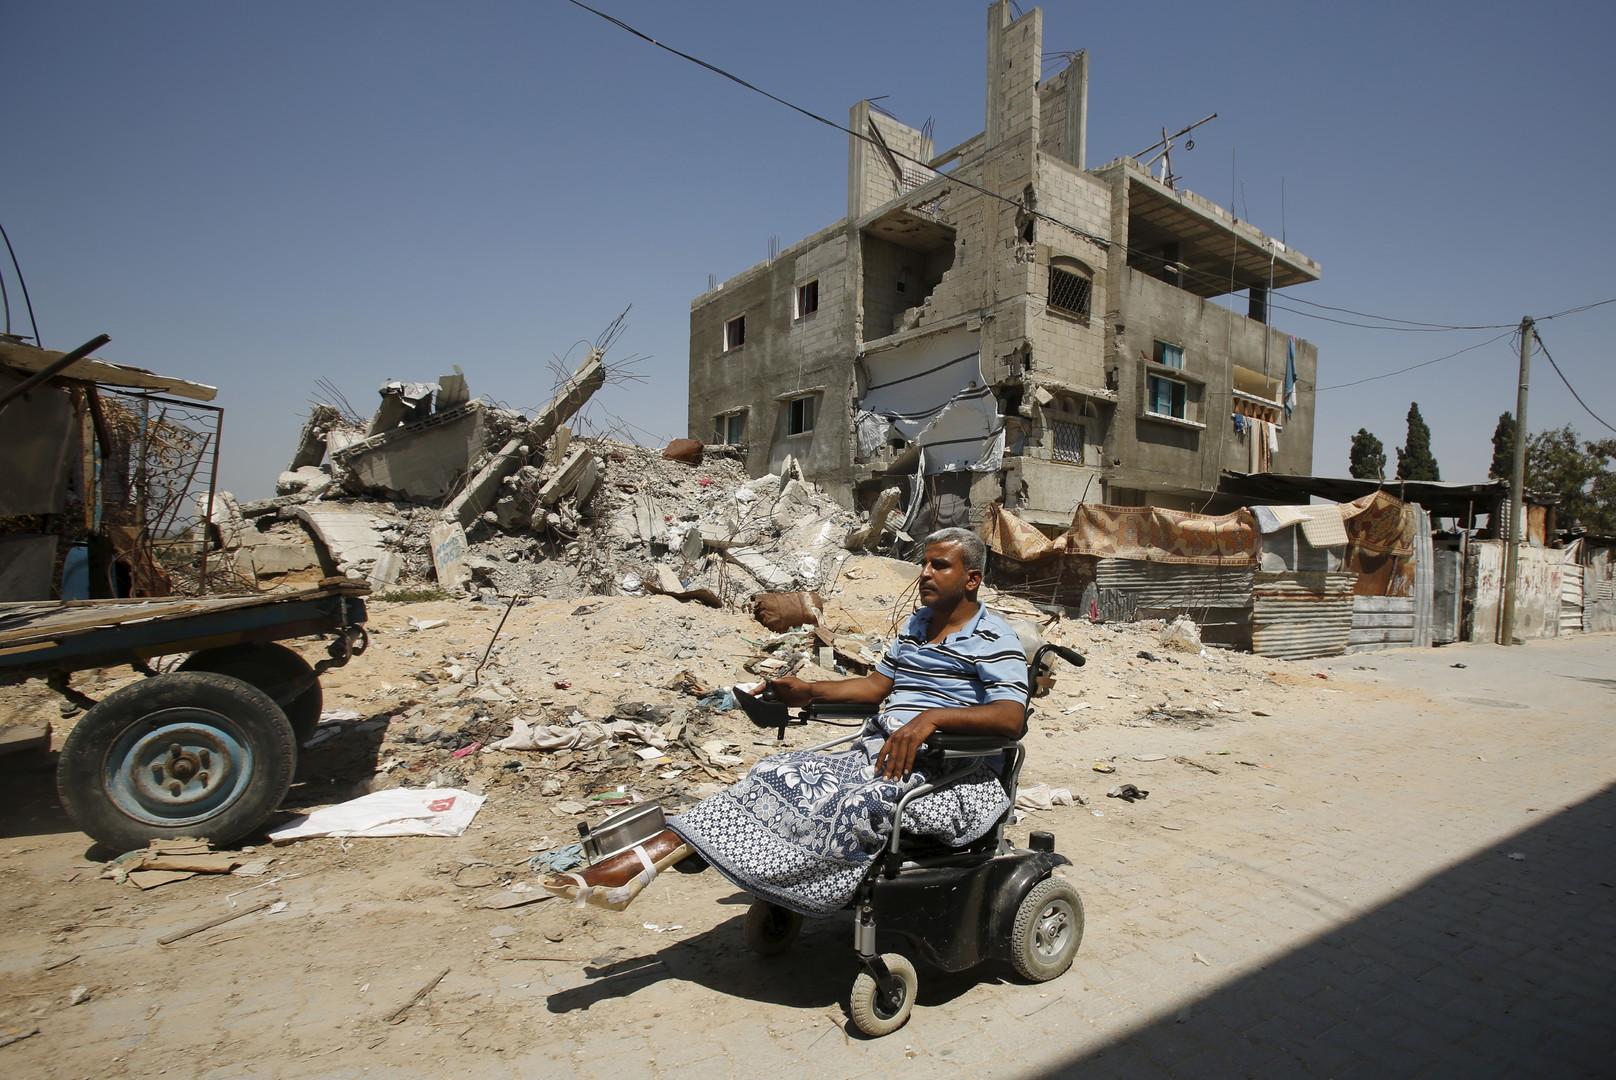 Ali Wahdan pousse son fauteuil roulant dans la rue en face de son ancienne maison